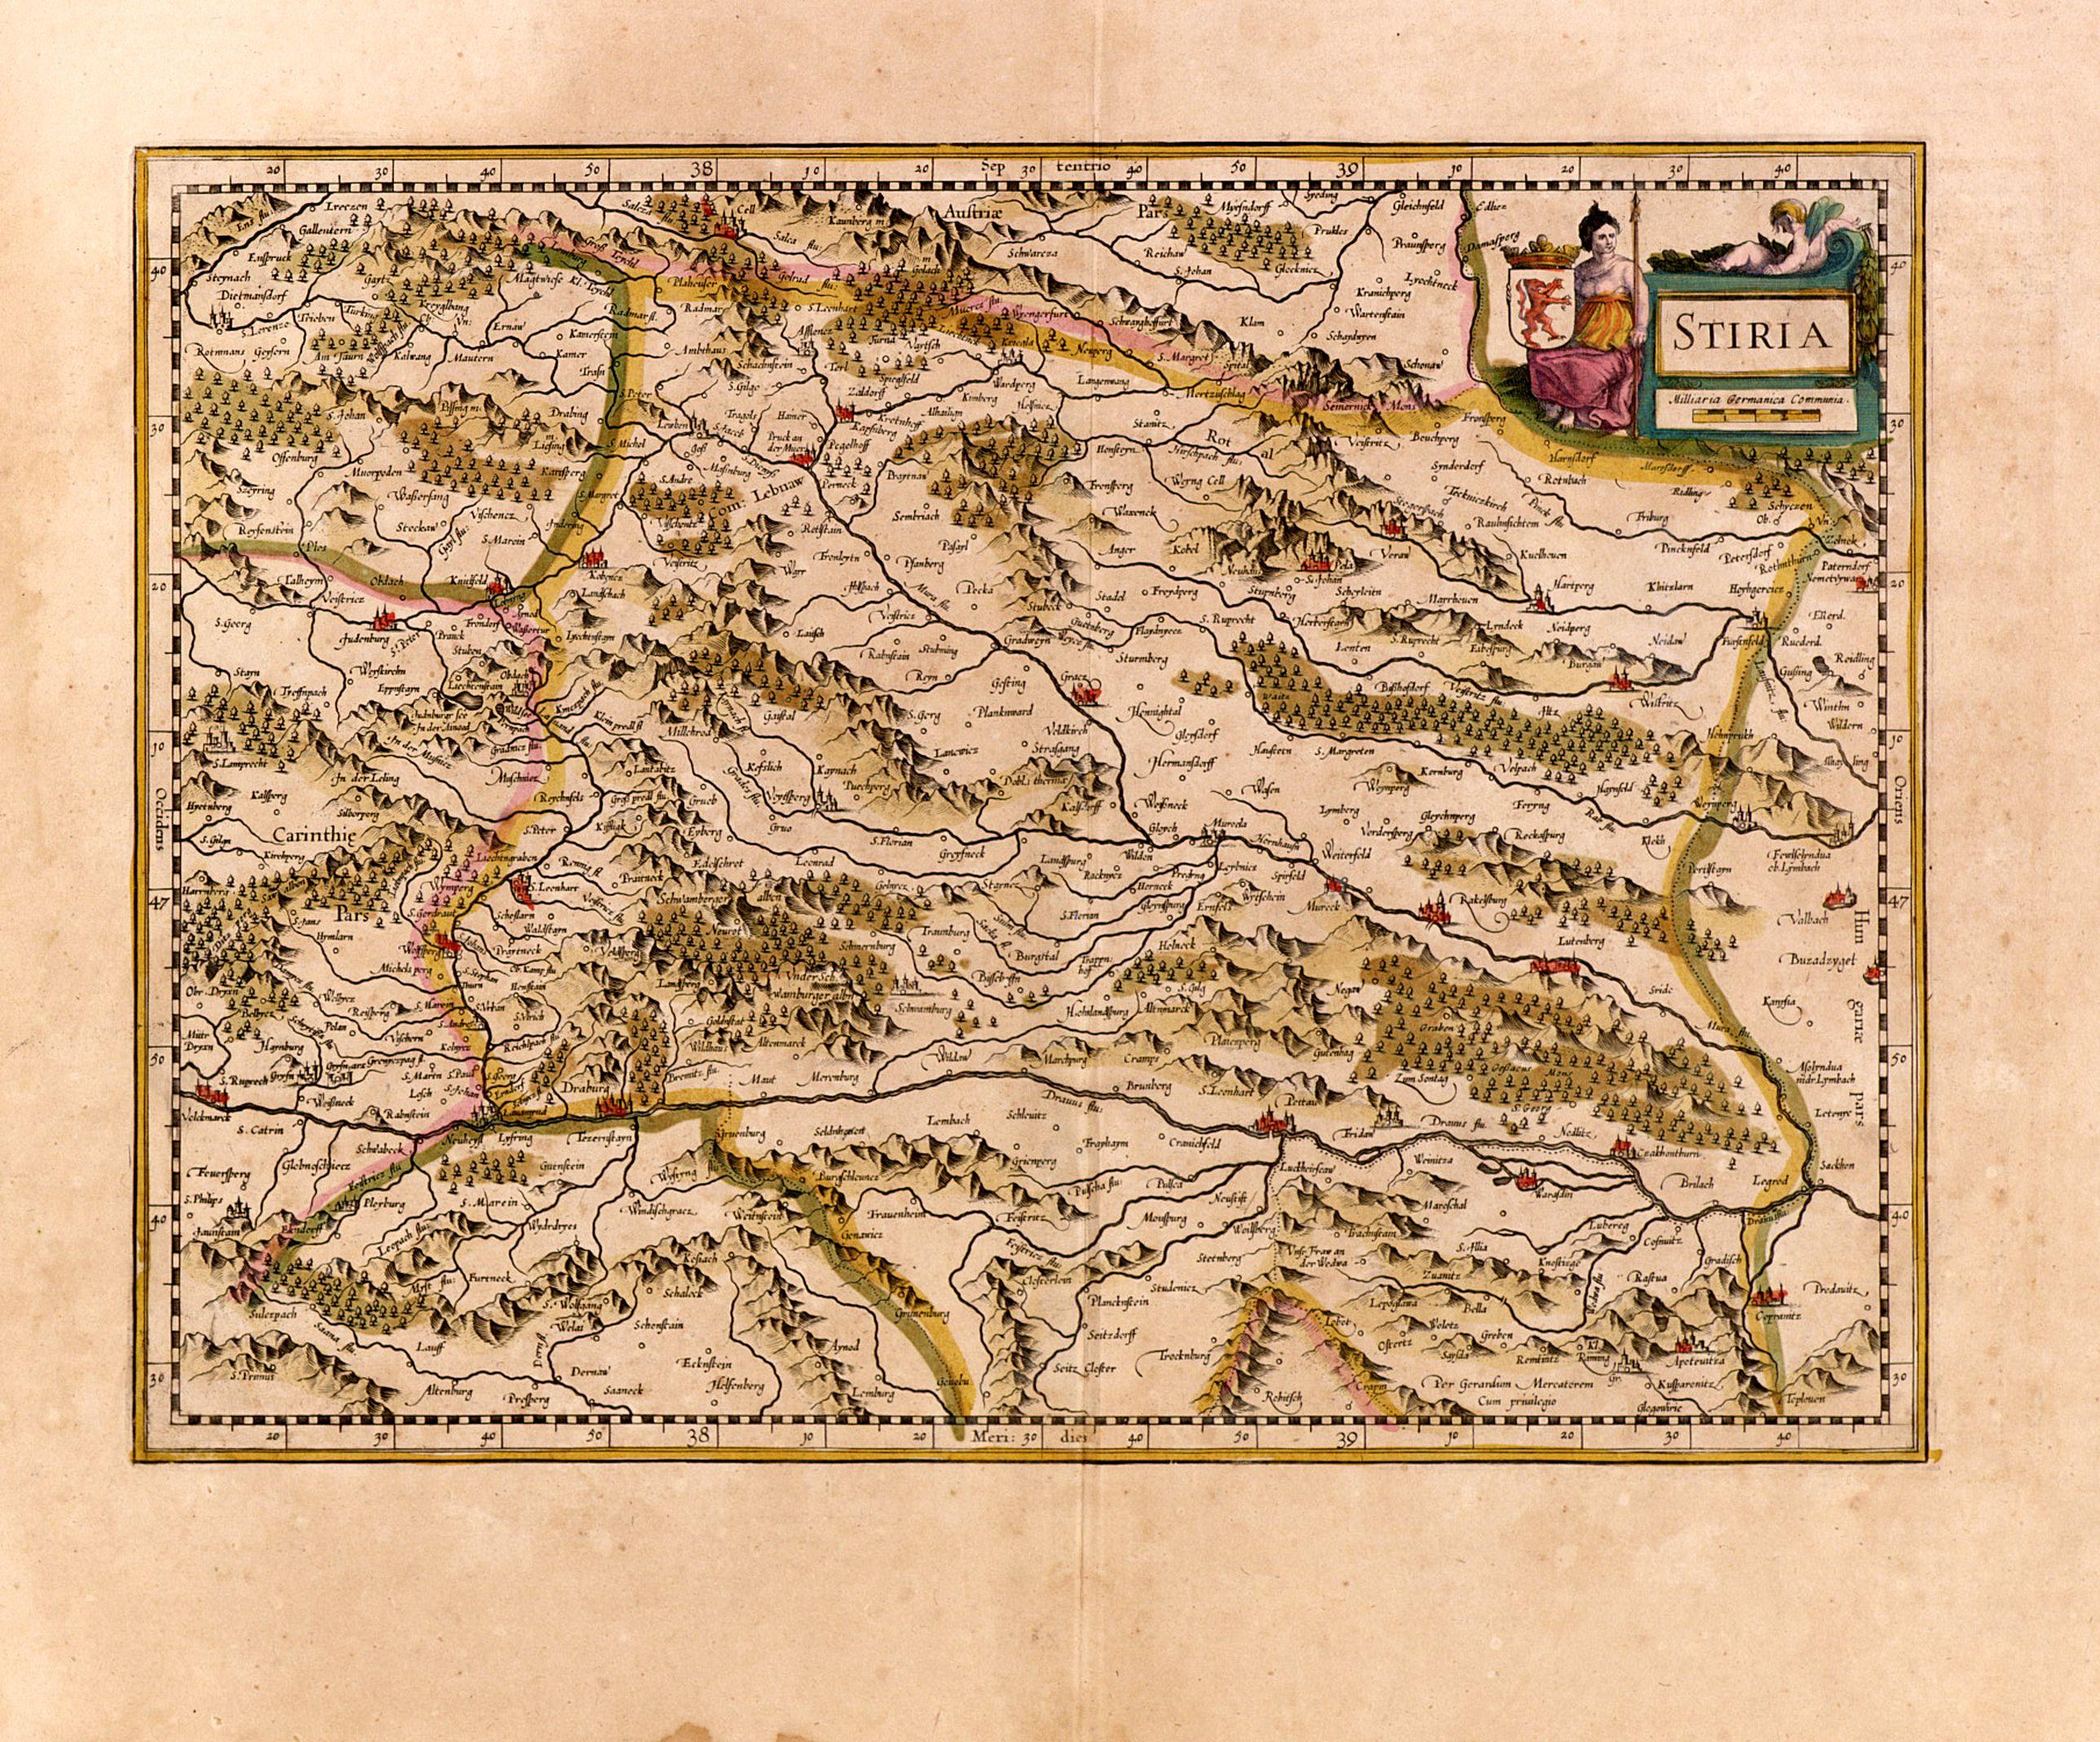 MERCATOR, G./ HONDIUS, H. -  Stiria.